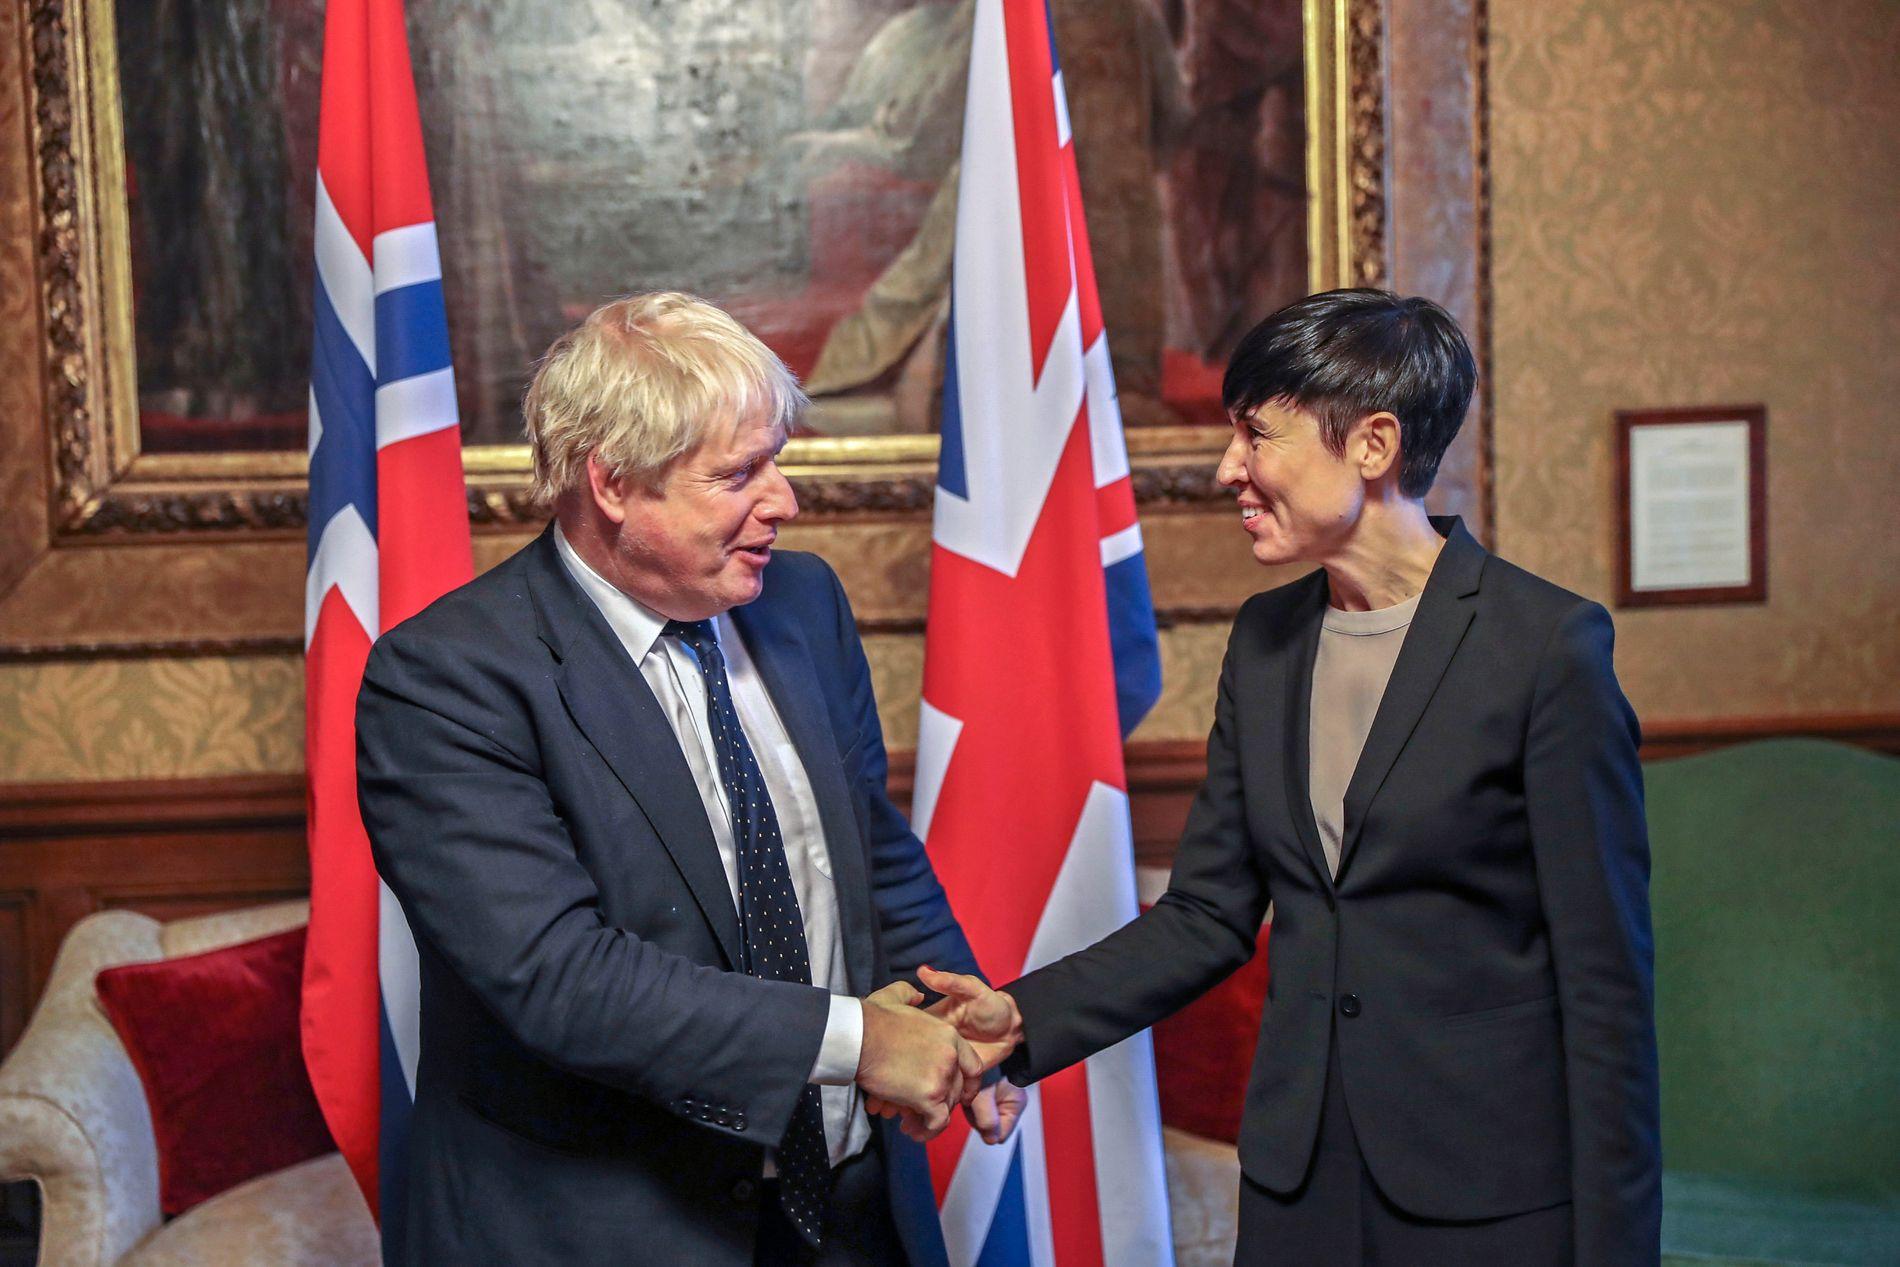 HANDELSPARTNERE: Utenriksminister Ine Eriksen Søreide (H) møtte sin daværende kollega, Boris Johnson i 2017 for å avklare handelsavtaler etter brexit. Norge er ett av de land som vil bli hardest rammes om britene går ut uten en avtale.